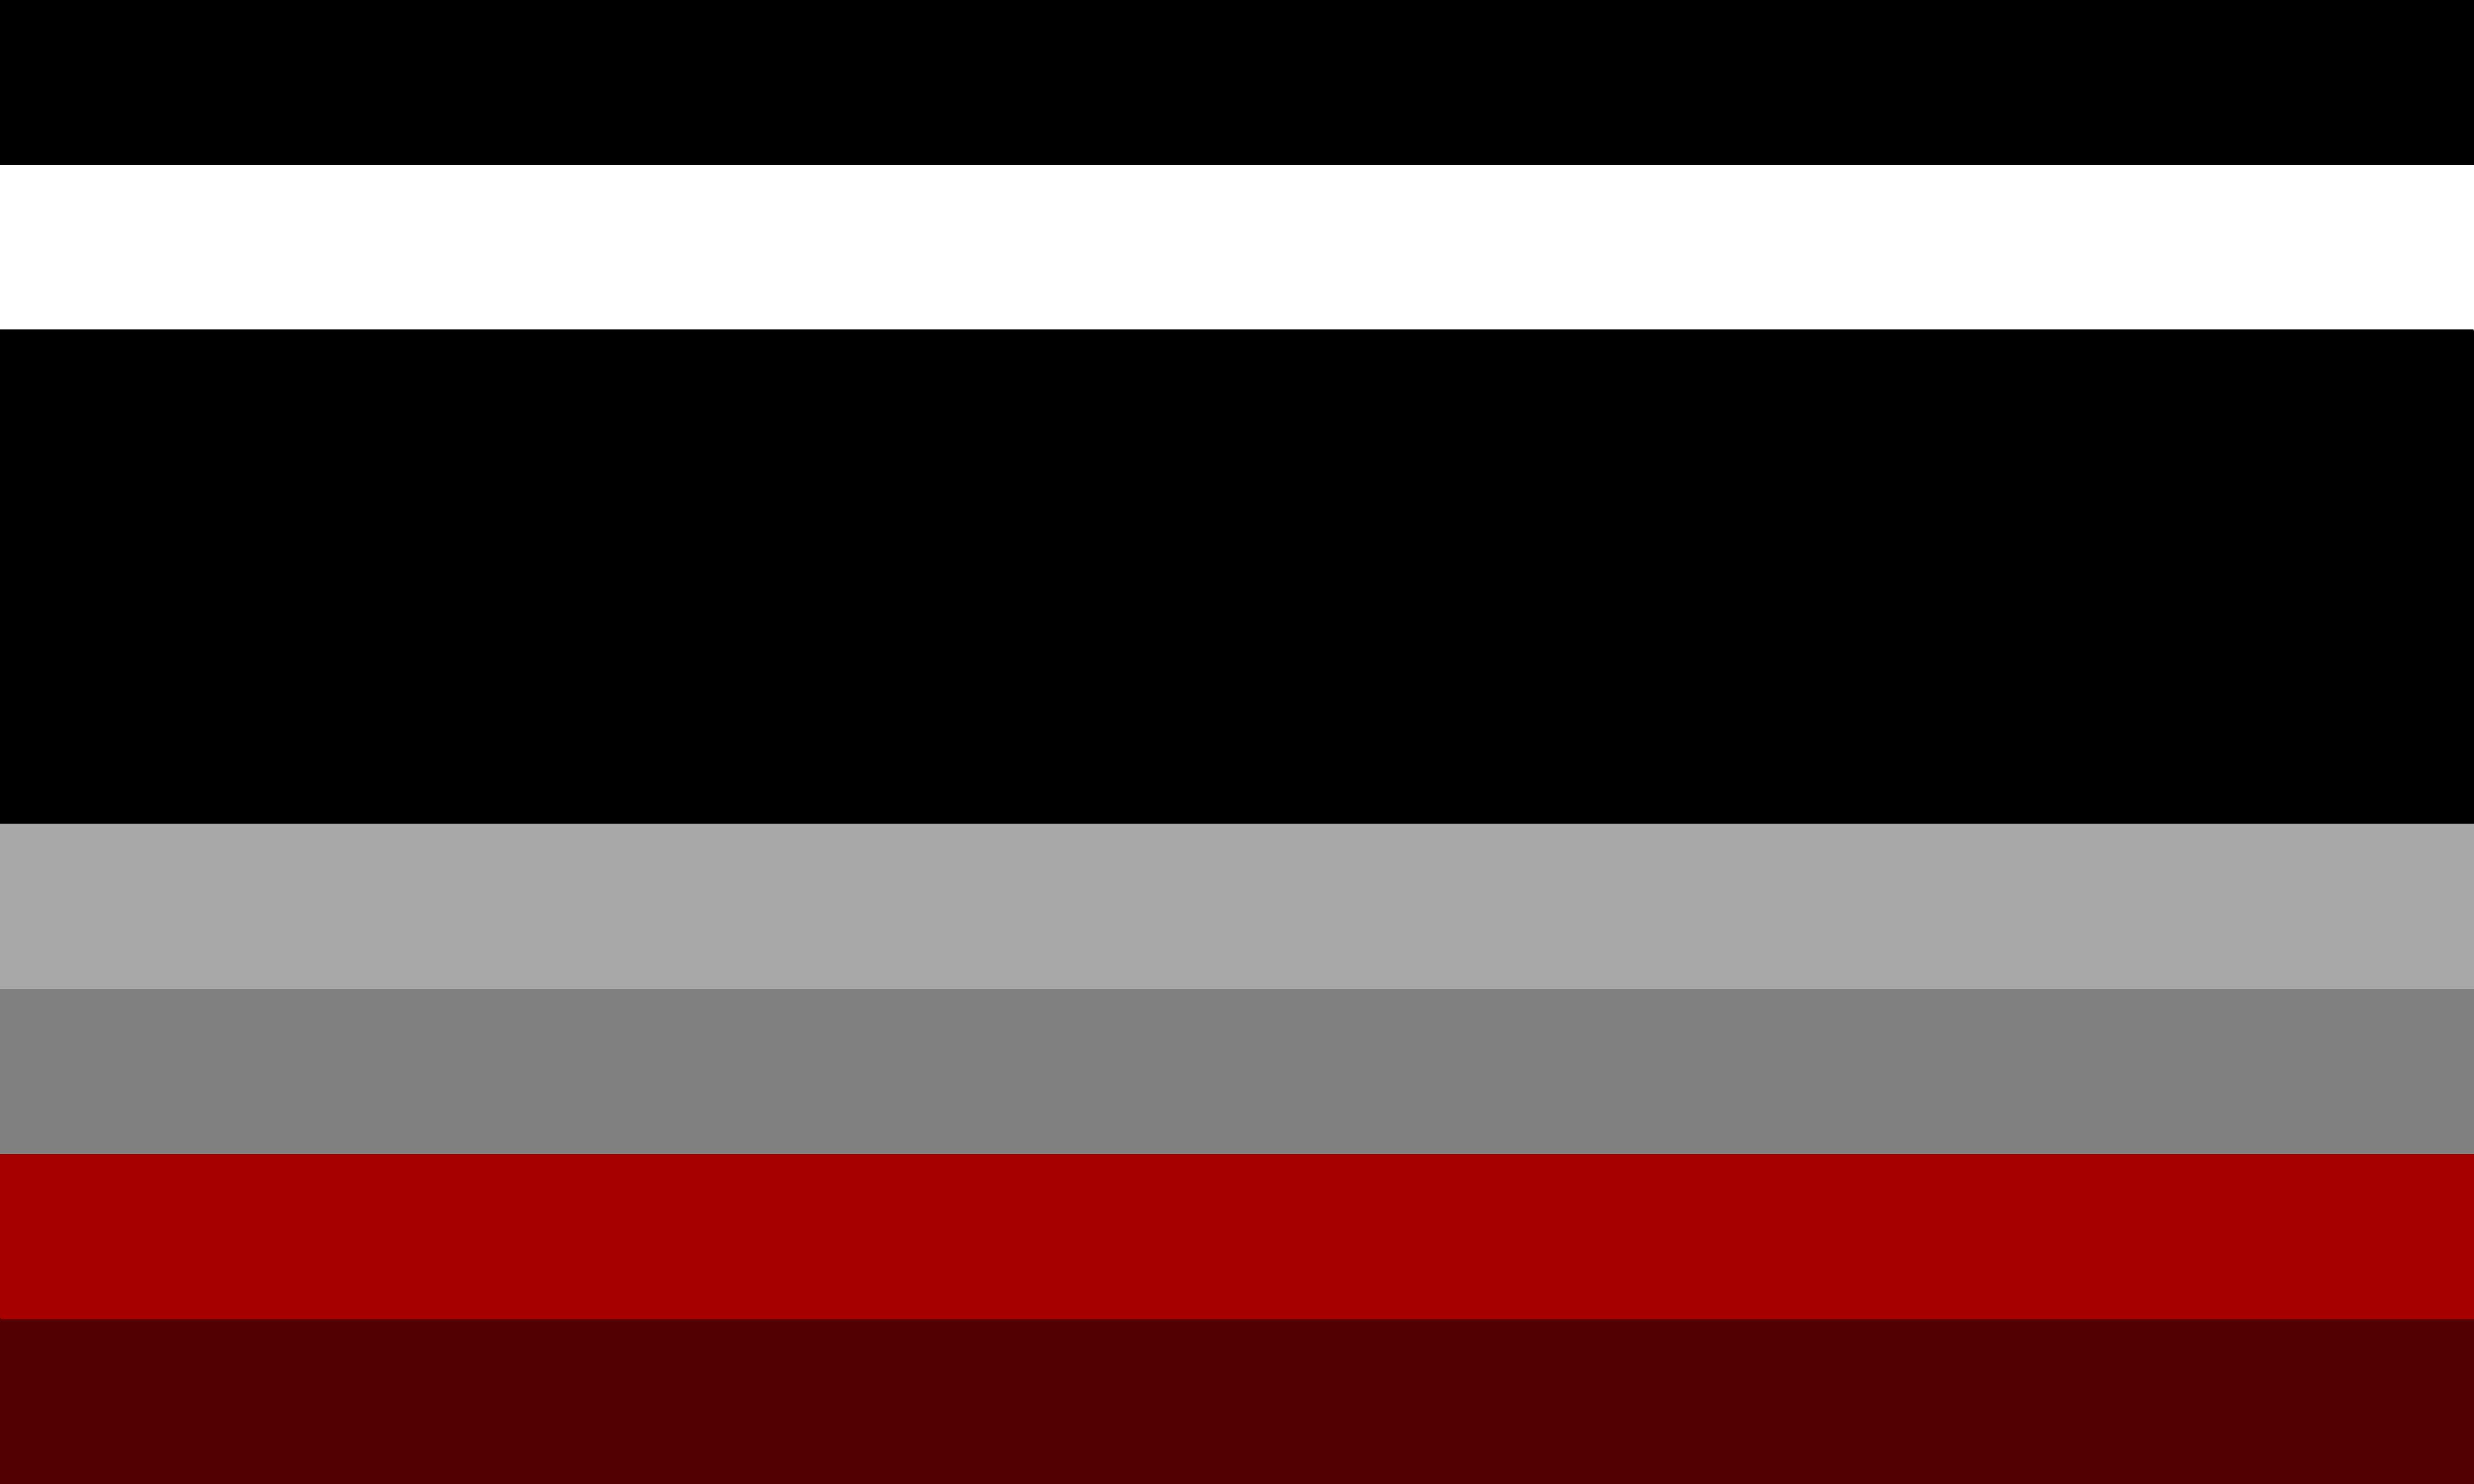 Nullgender / Gendernull (2)